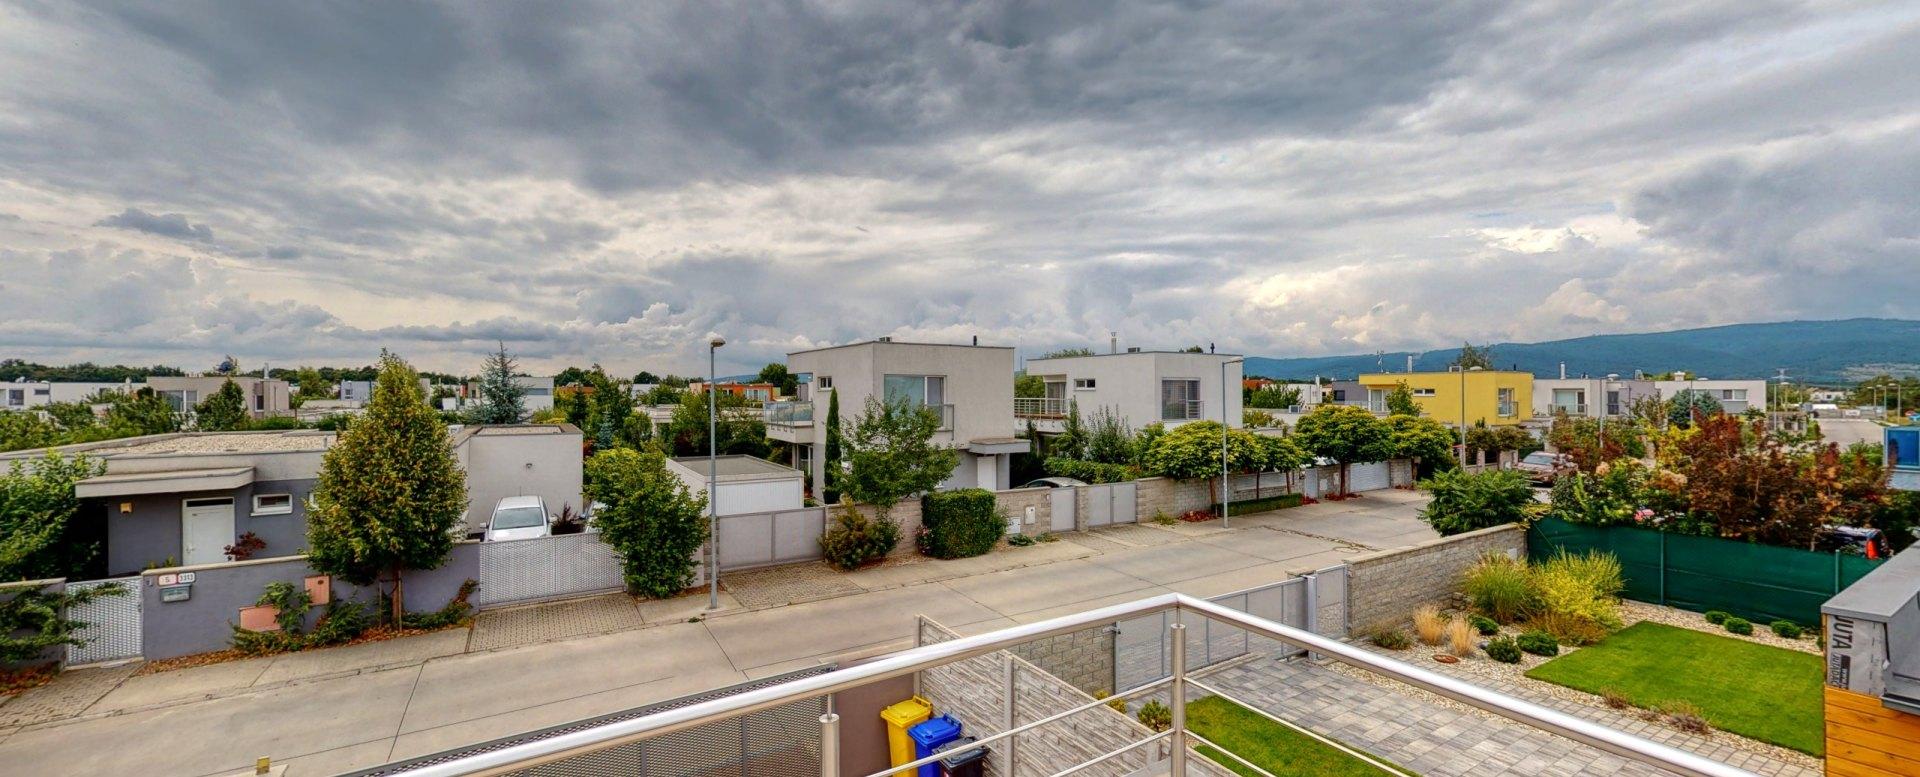 Výhľad na Šalviovú ulicu, okolité domy a Malé Karpaty